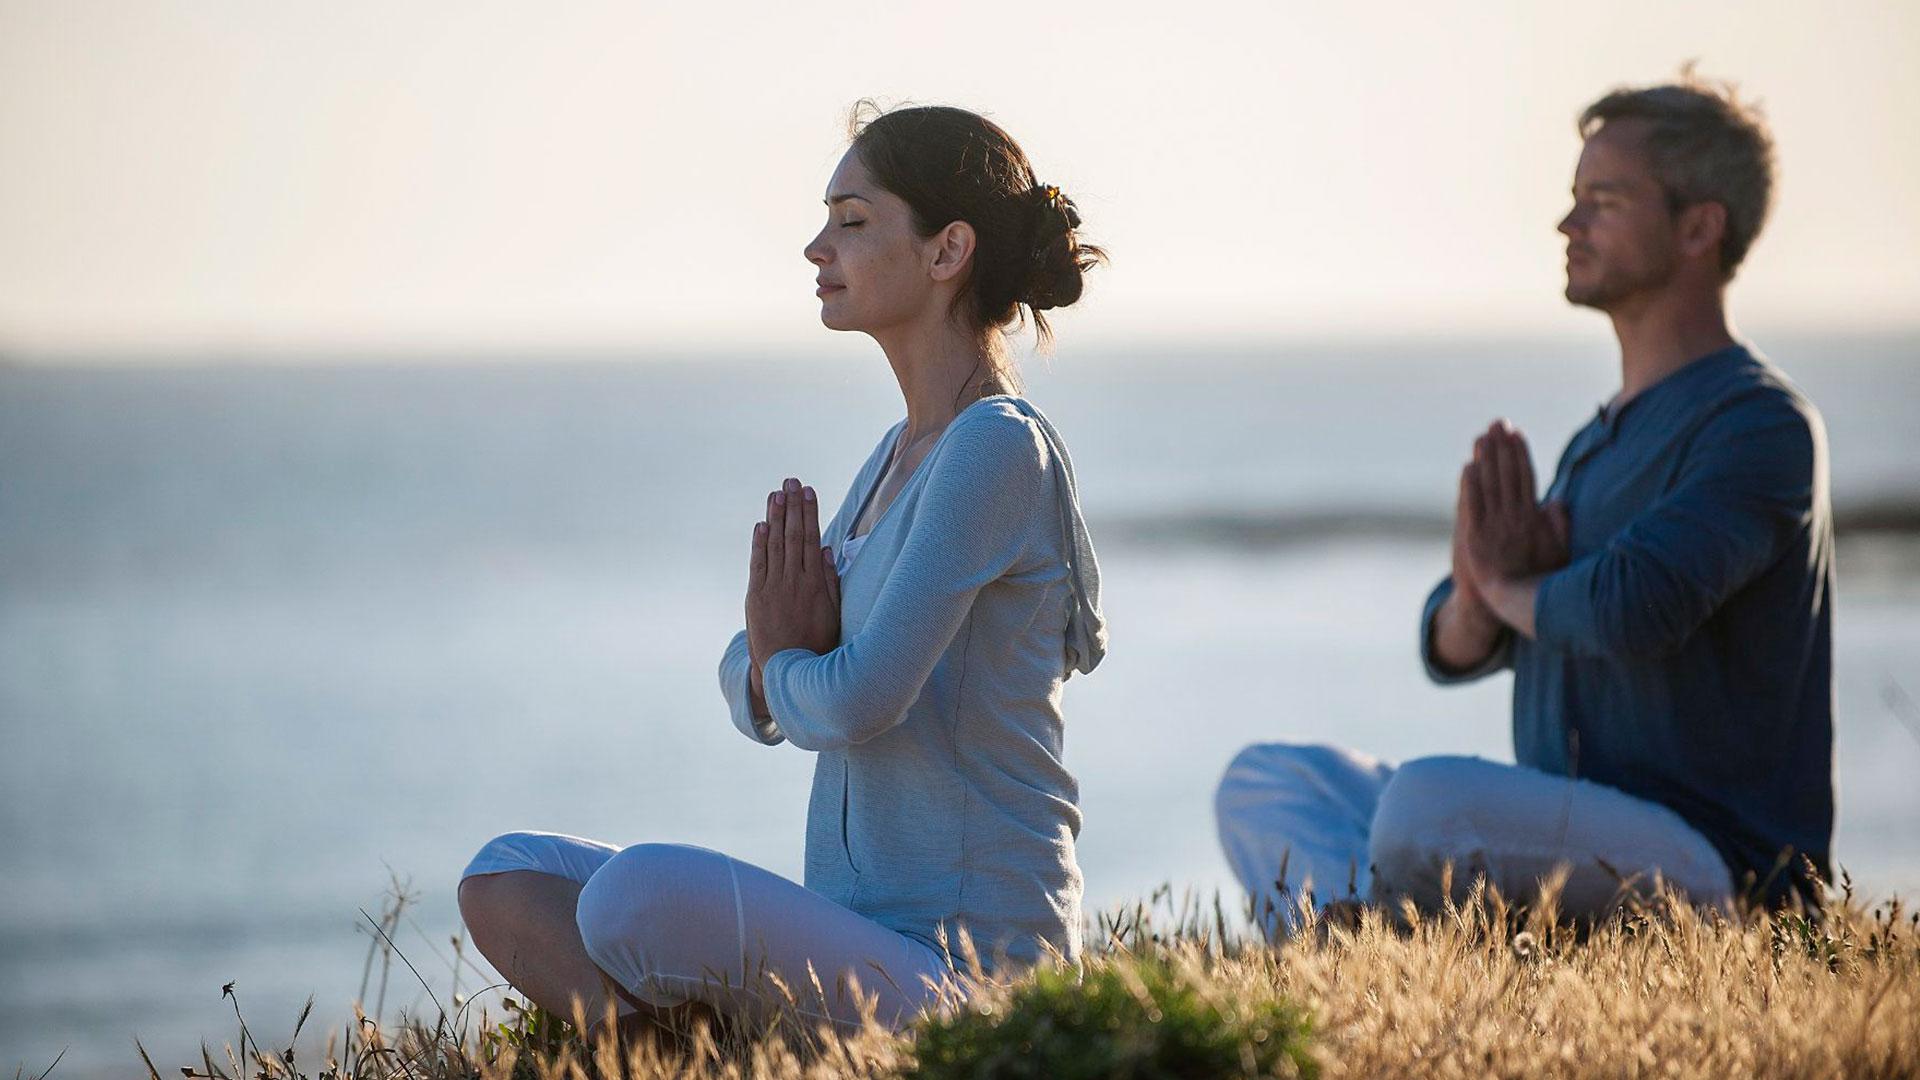 La meditación hero asset